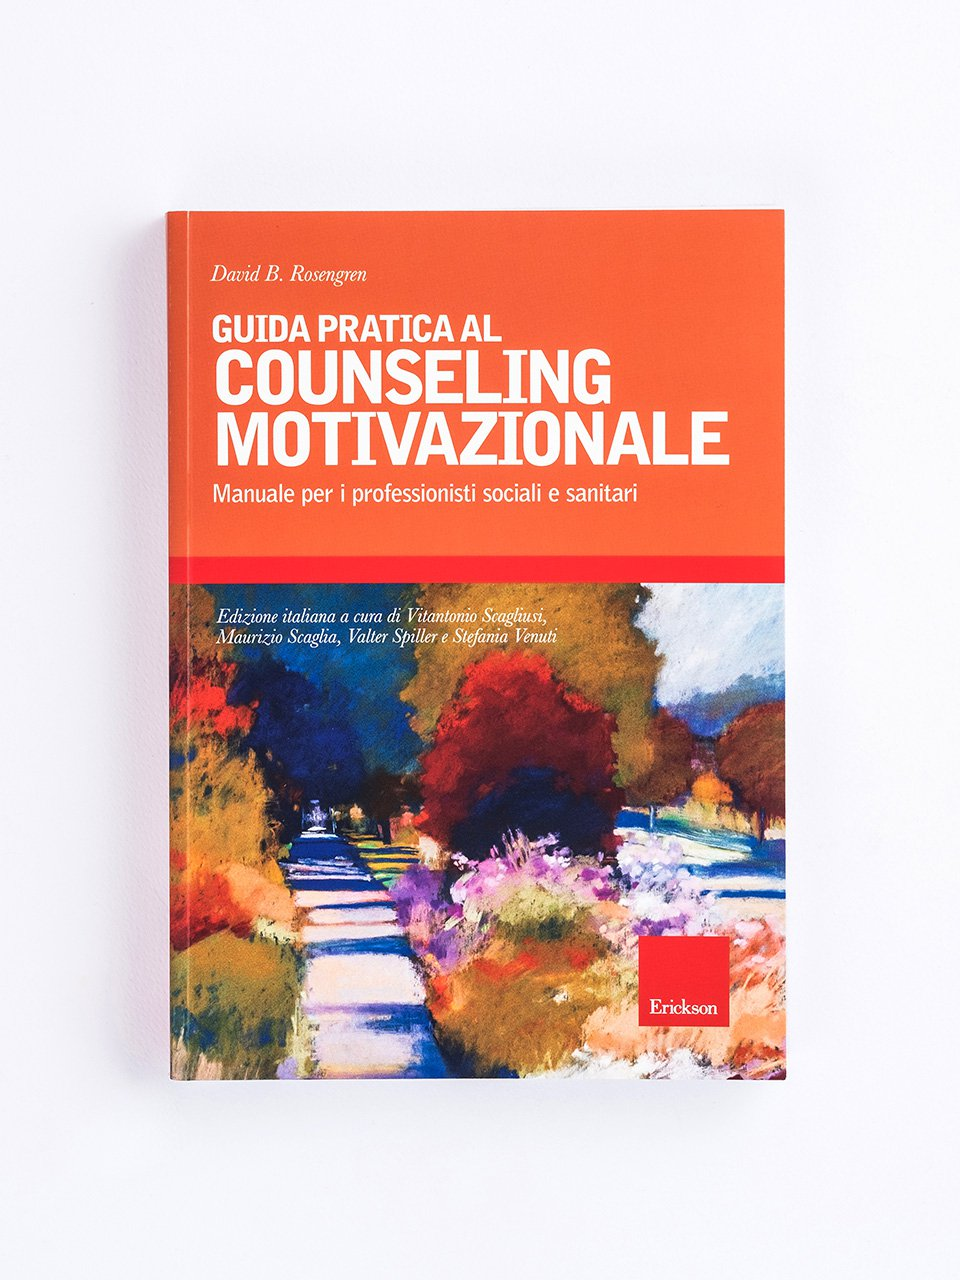 Guida pratica al counseling motivazionale - Terapista Occupazionale - Erickson